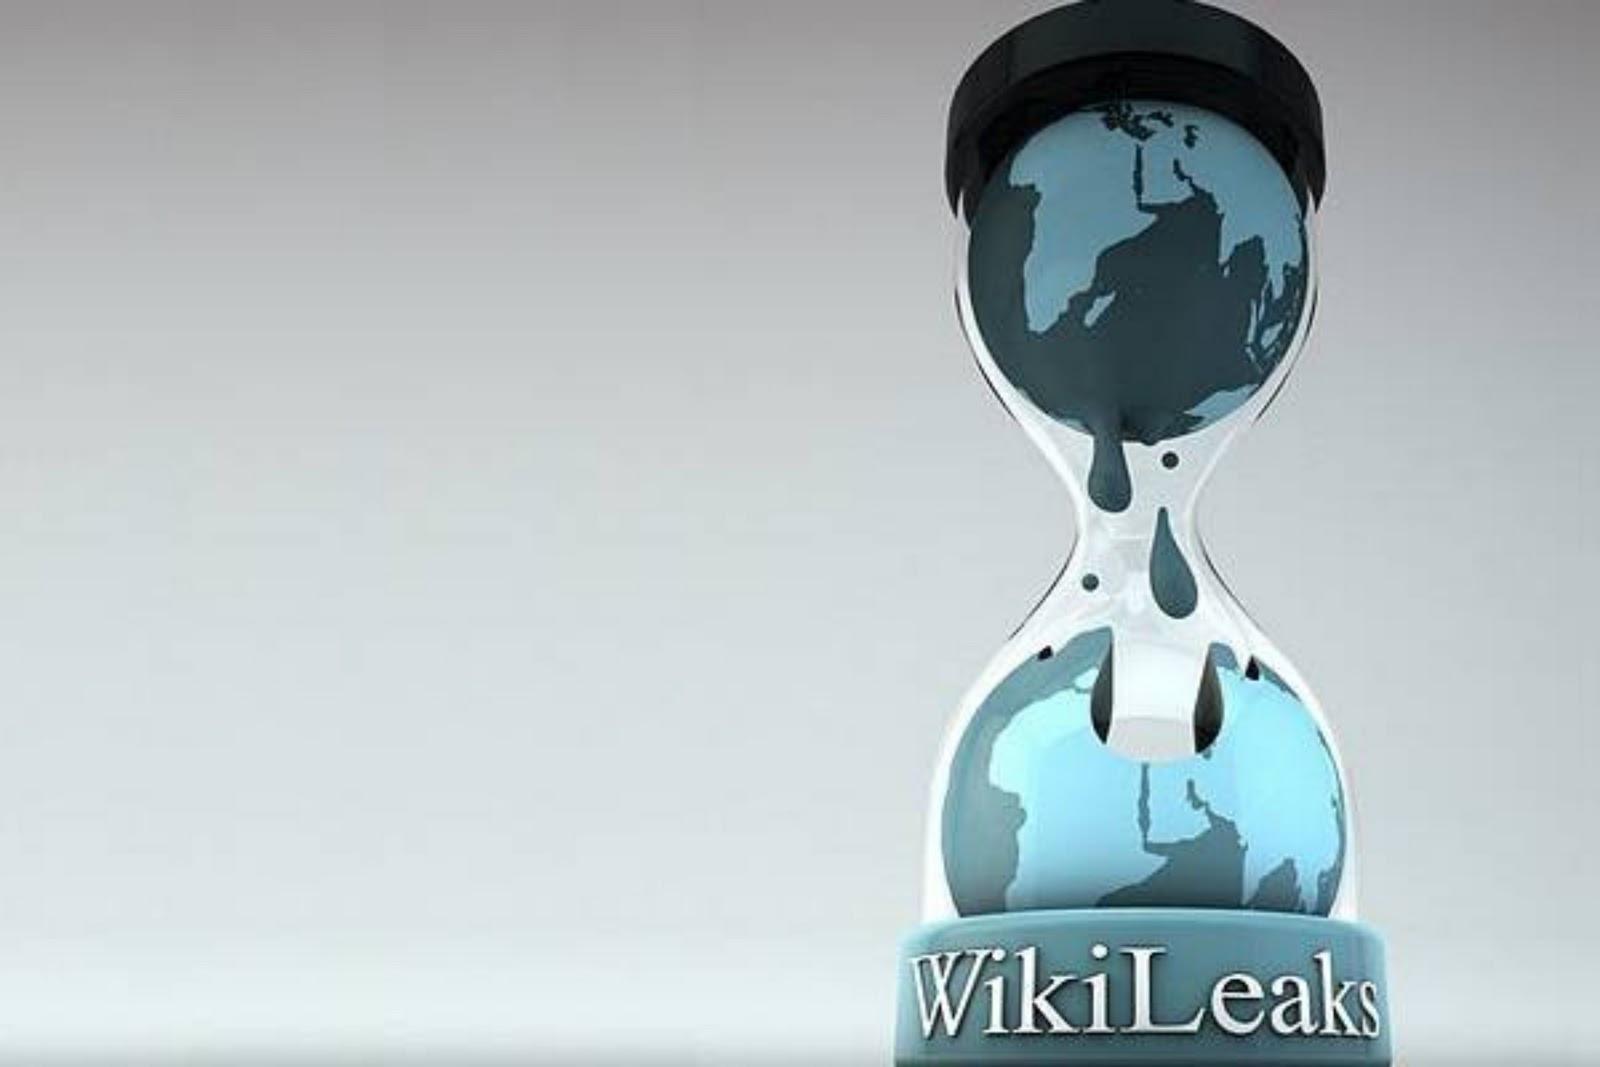 Портал WikiLeaks выложил еще одну порцию документов ЦРУ окибершпионаже